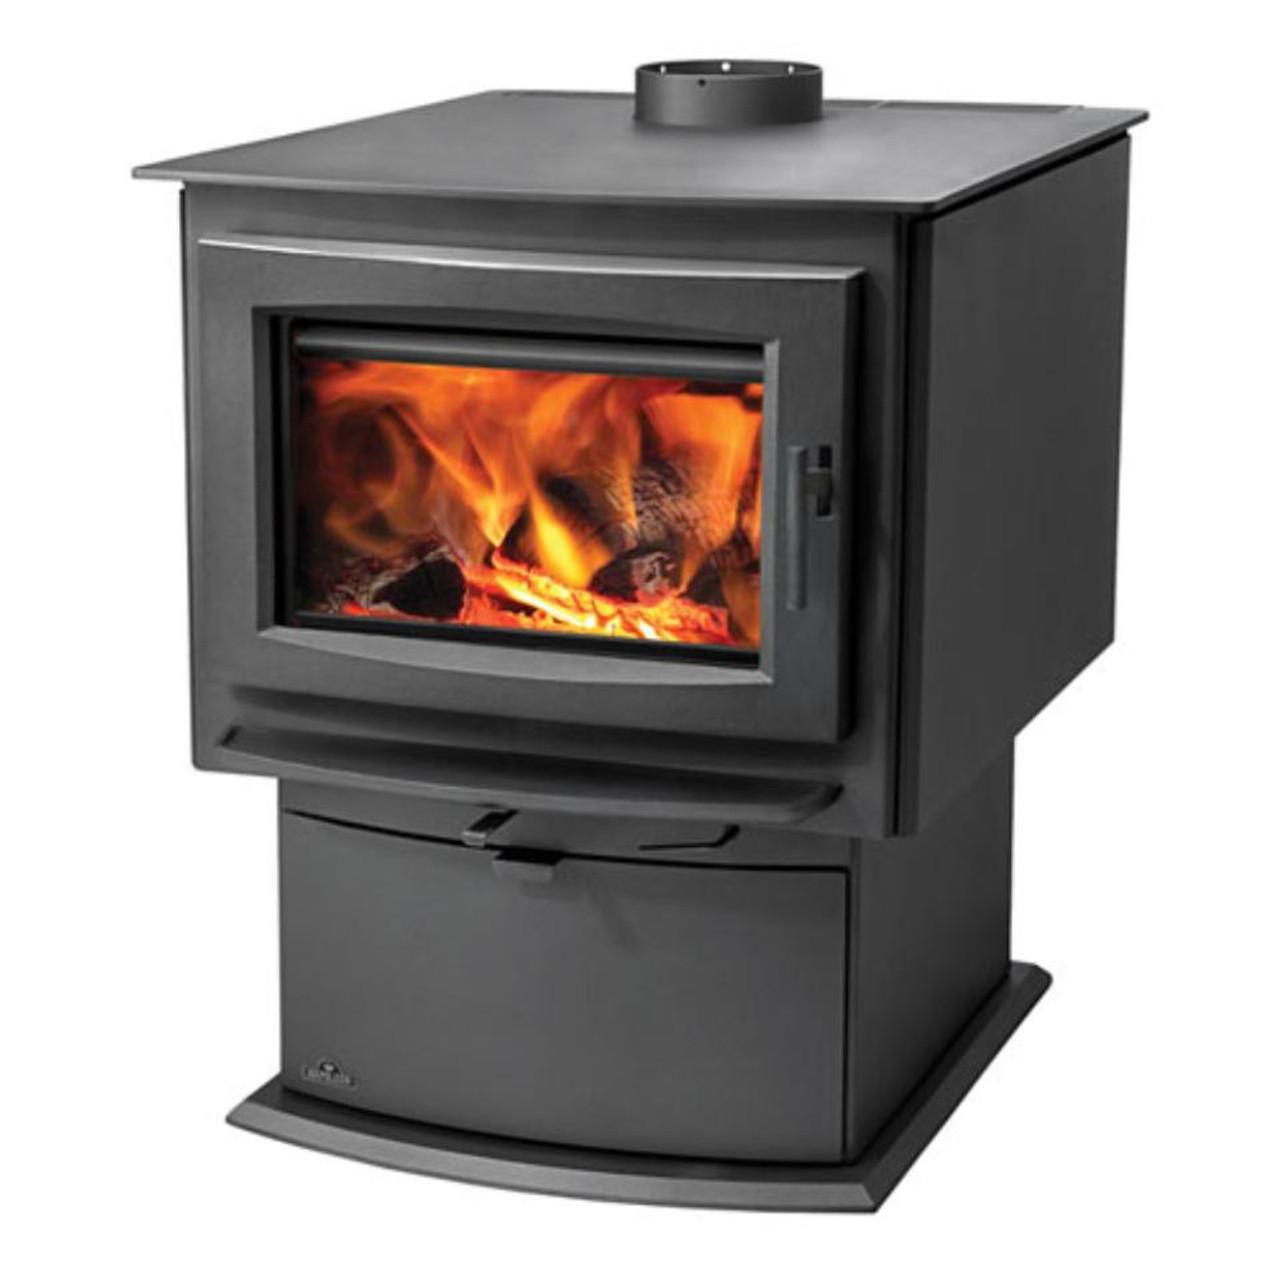 napoleon s9 wood stove